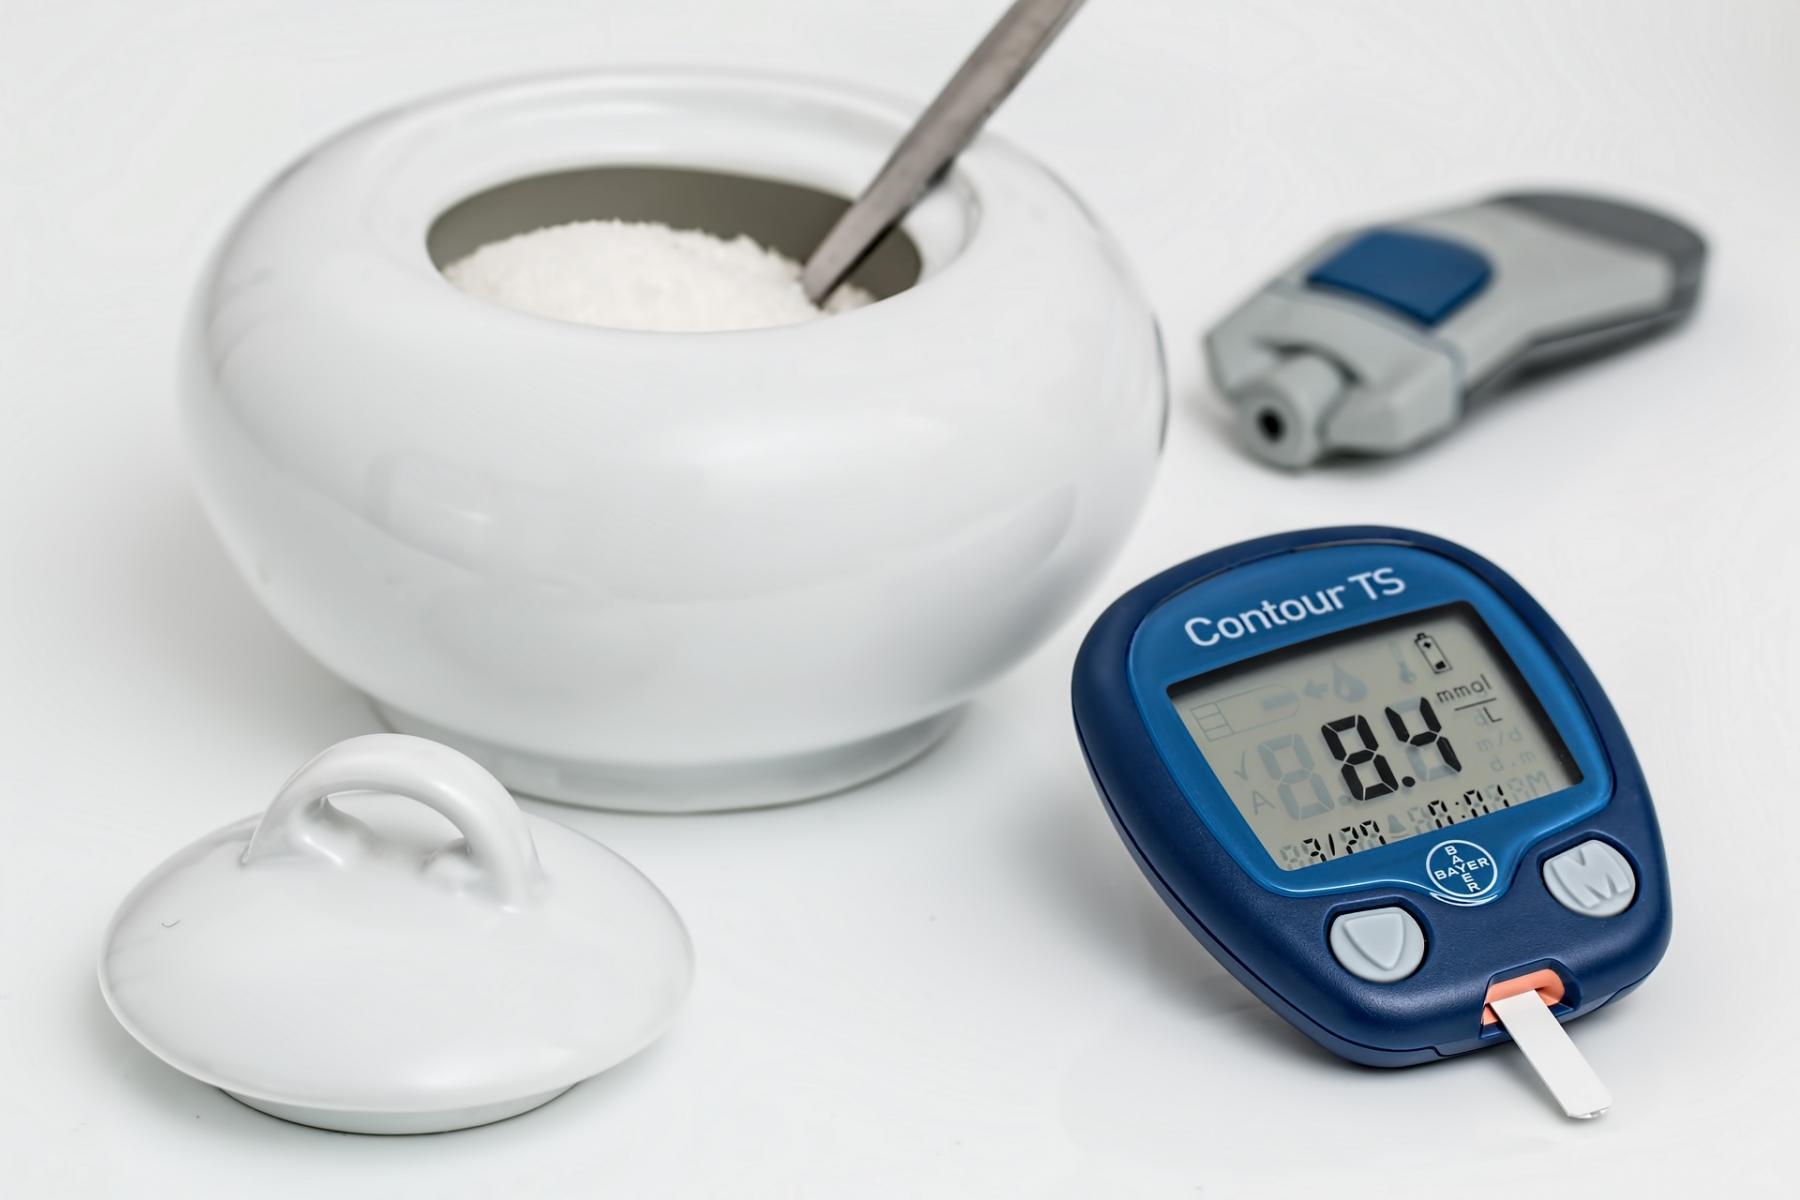 Фото Лечение диабета без лекарств: учёные раскрыли секрет исцеления 2